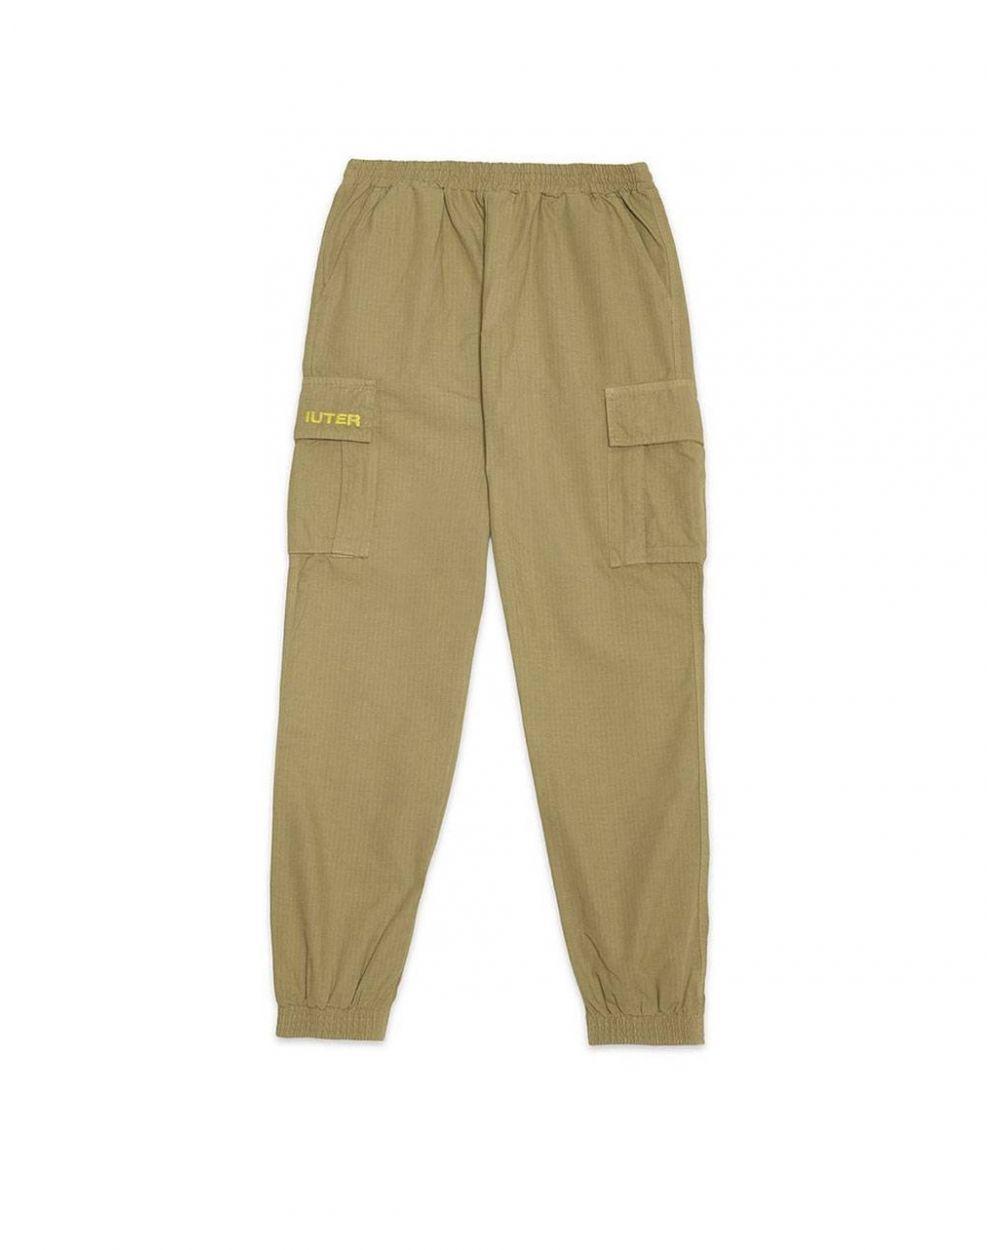 Iuter Cargo jogger pants - beige IUTER Pant 109,00€